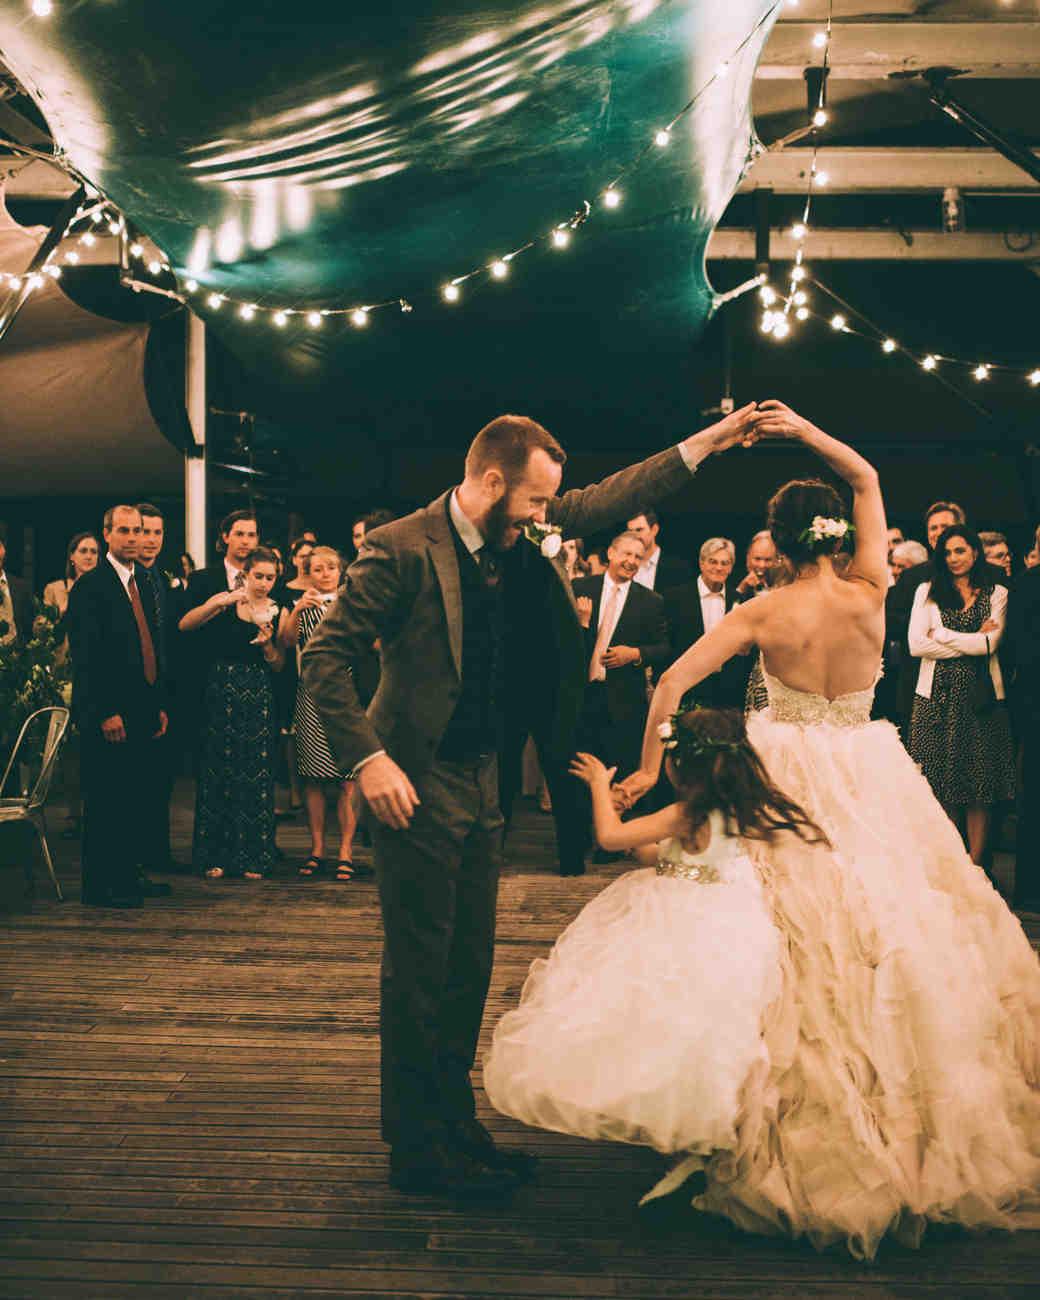 moira-dustin-wedding-dance-massachusetts-501-s112717.jpg